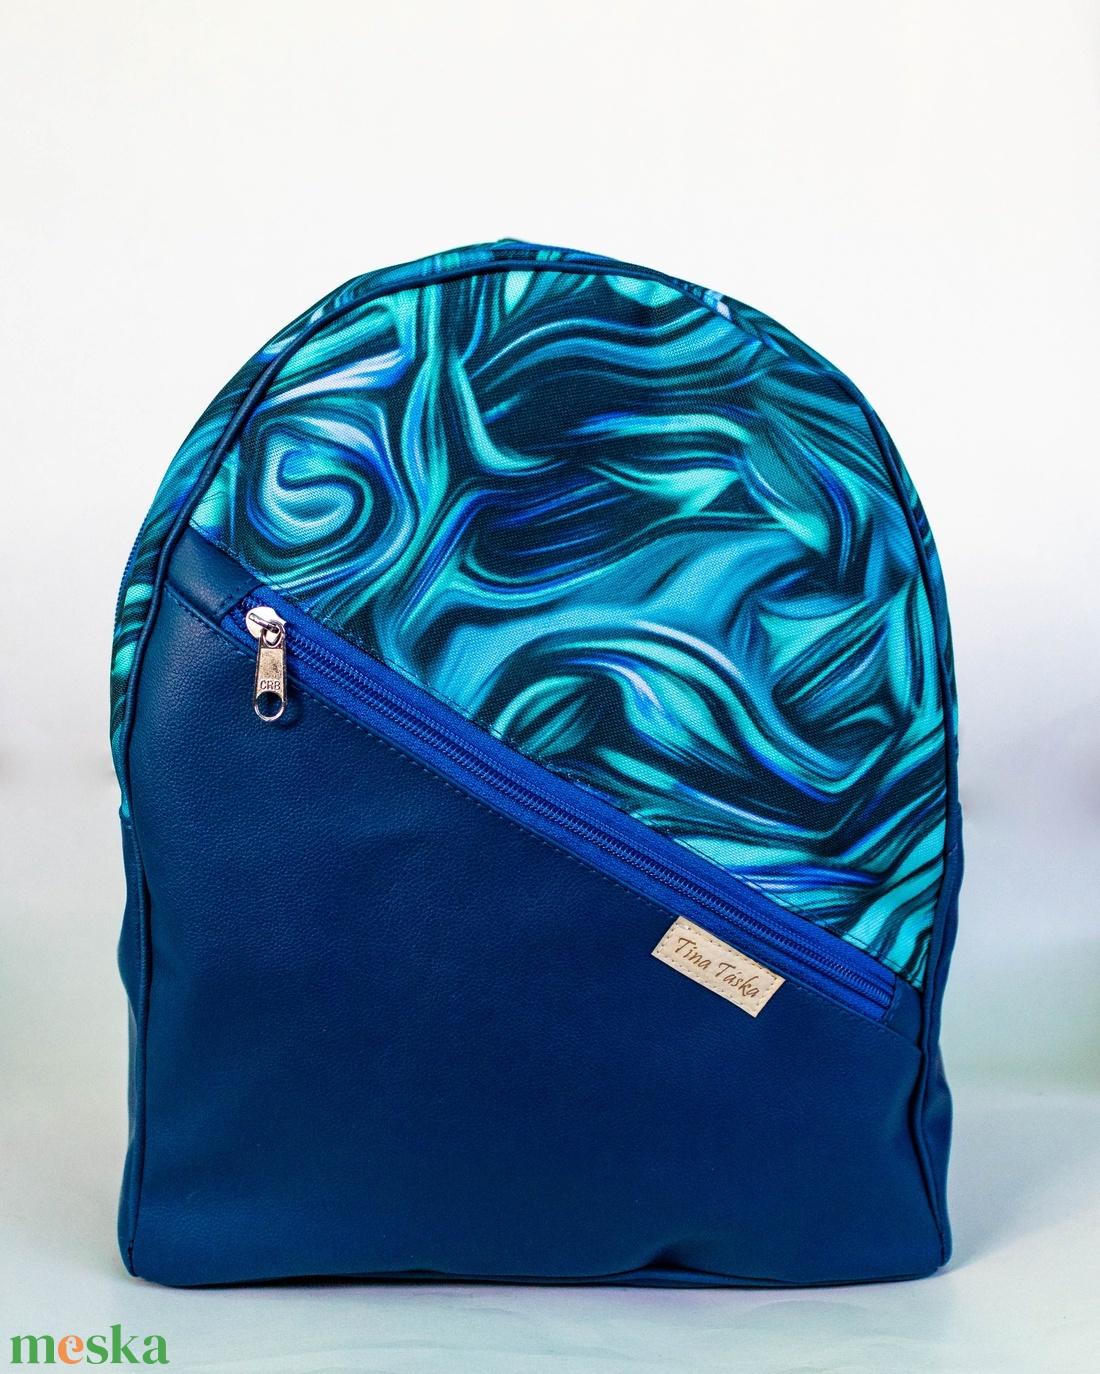 Egyedi tervezésű hátizsák - sötétkék-türkiz, absztrakt mintás - táska & tok - hátizsák - hátizsák - Meska.hu